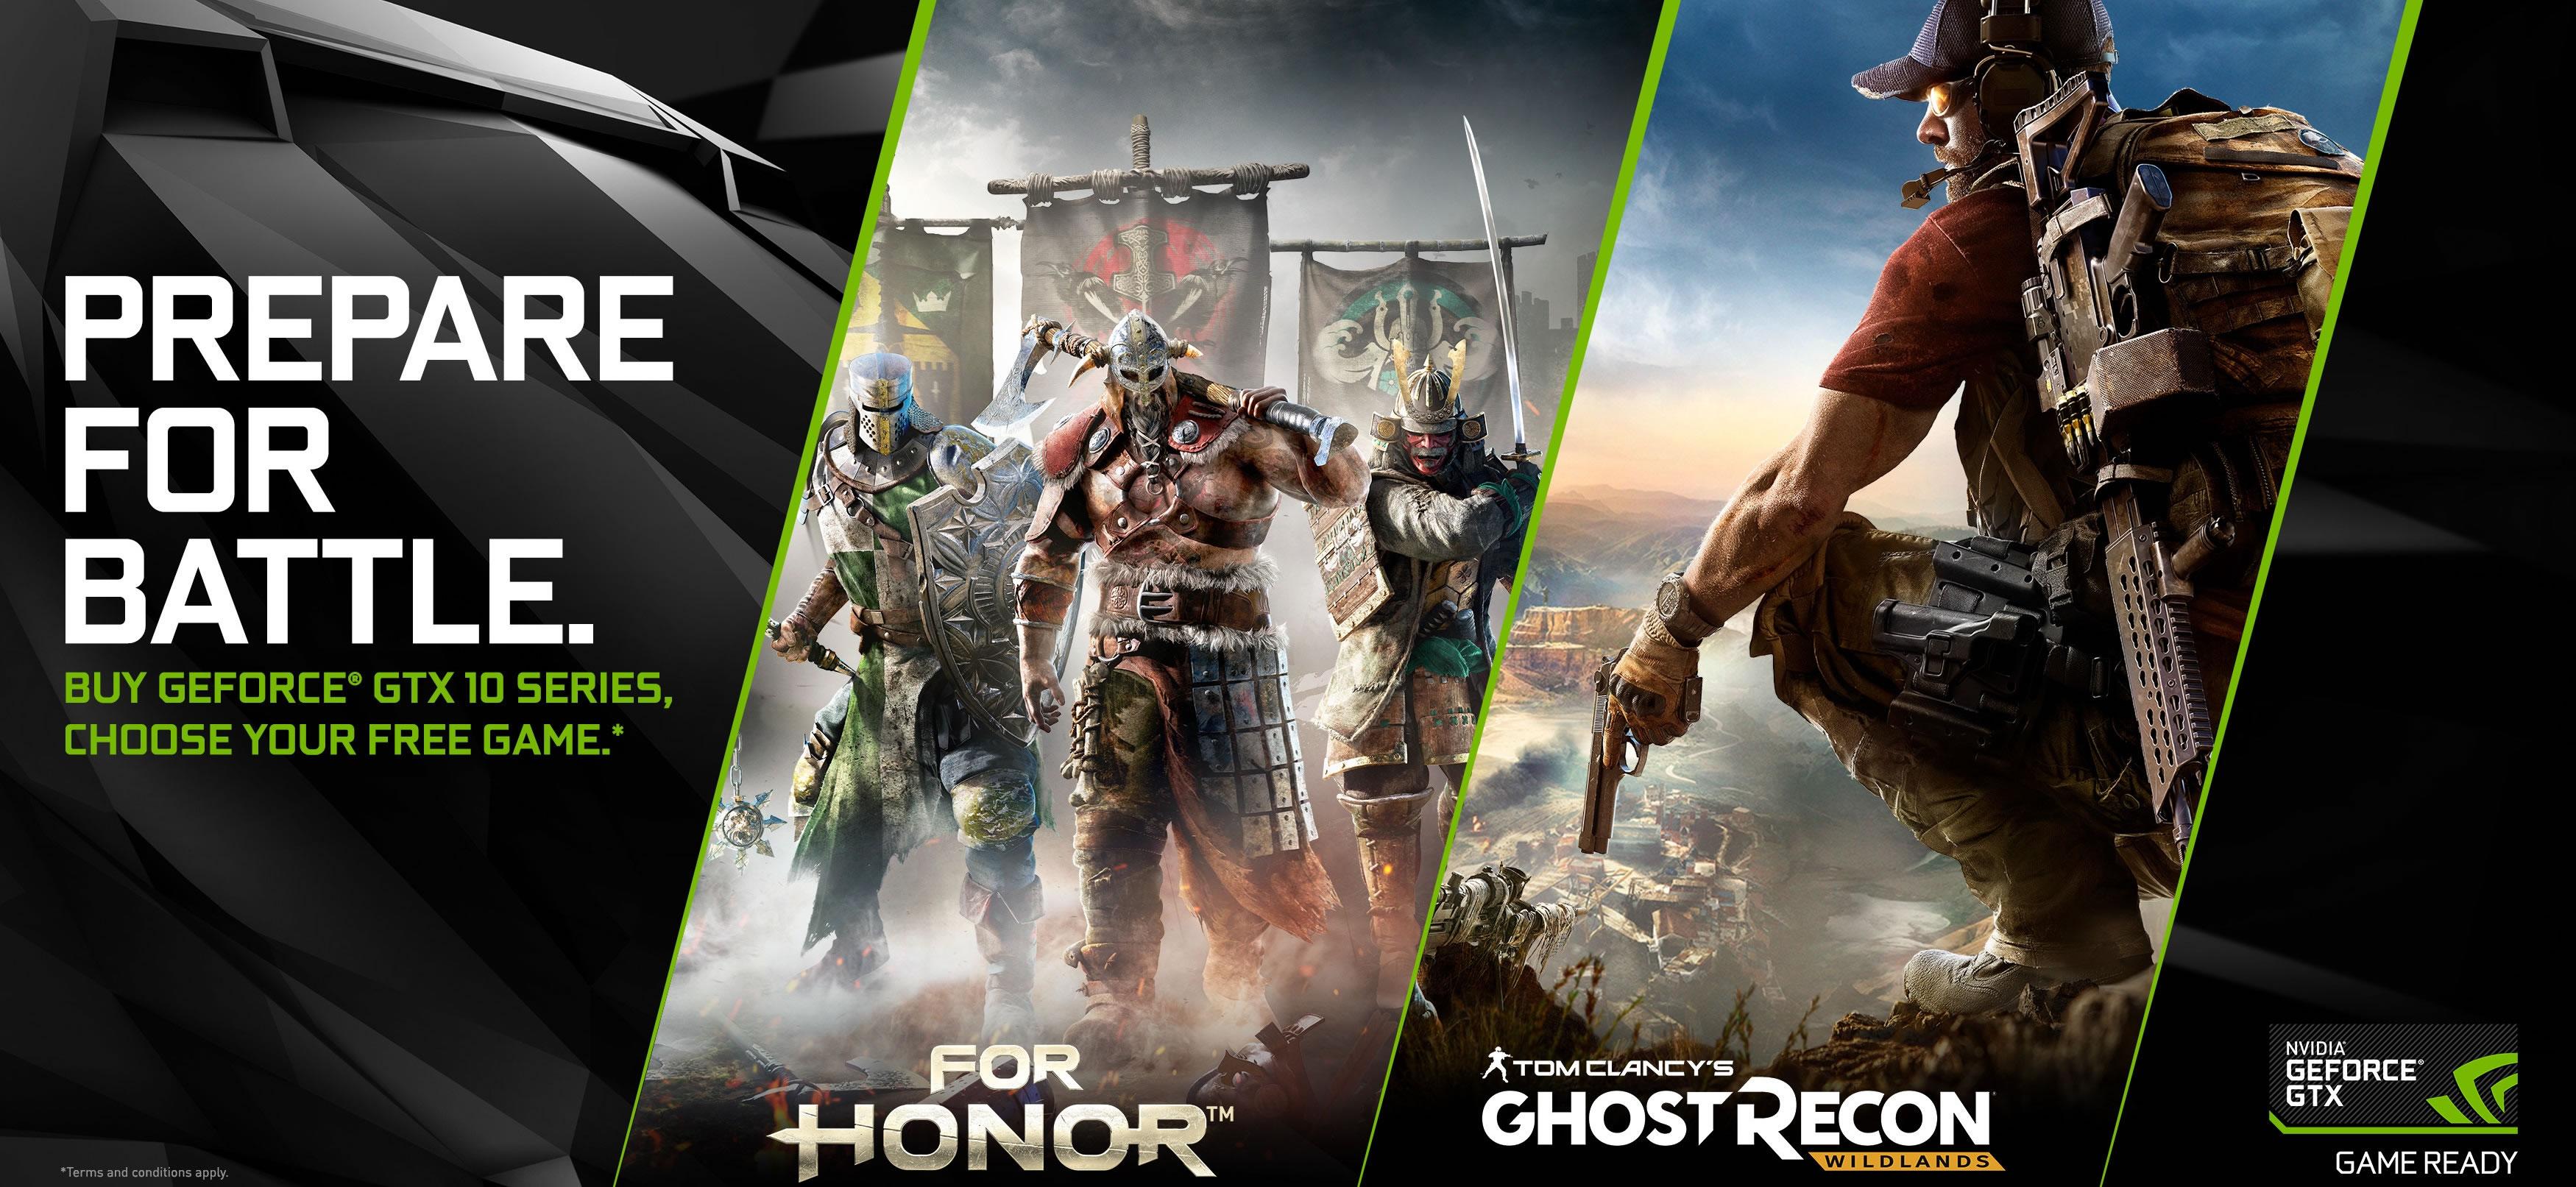 Nvidia anuncia su nuevo Game Bundle con la compra de una GeForce GTX 1080 o GTX 1070